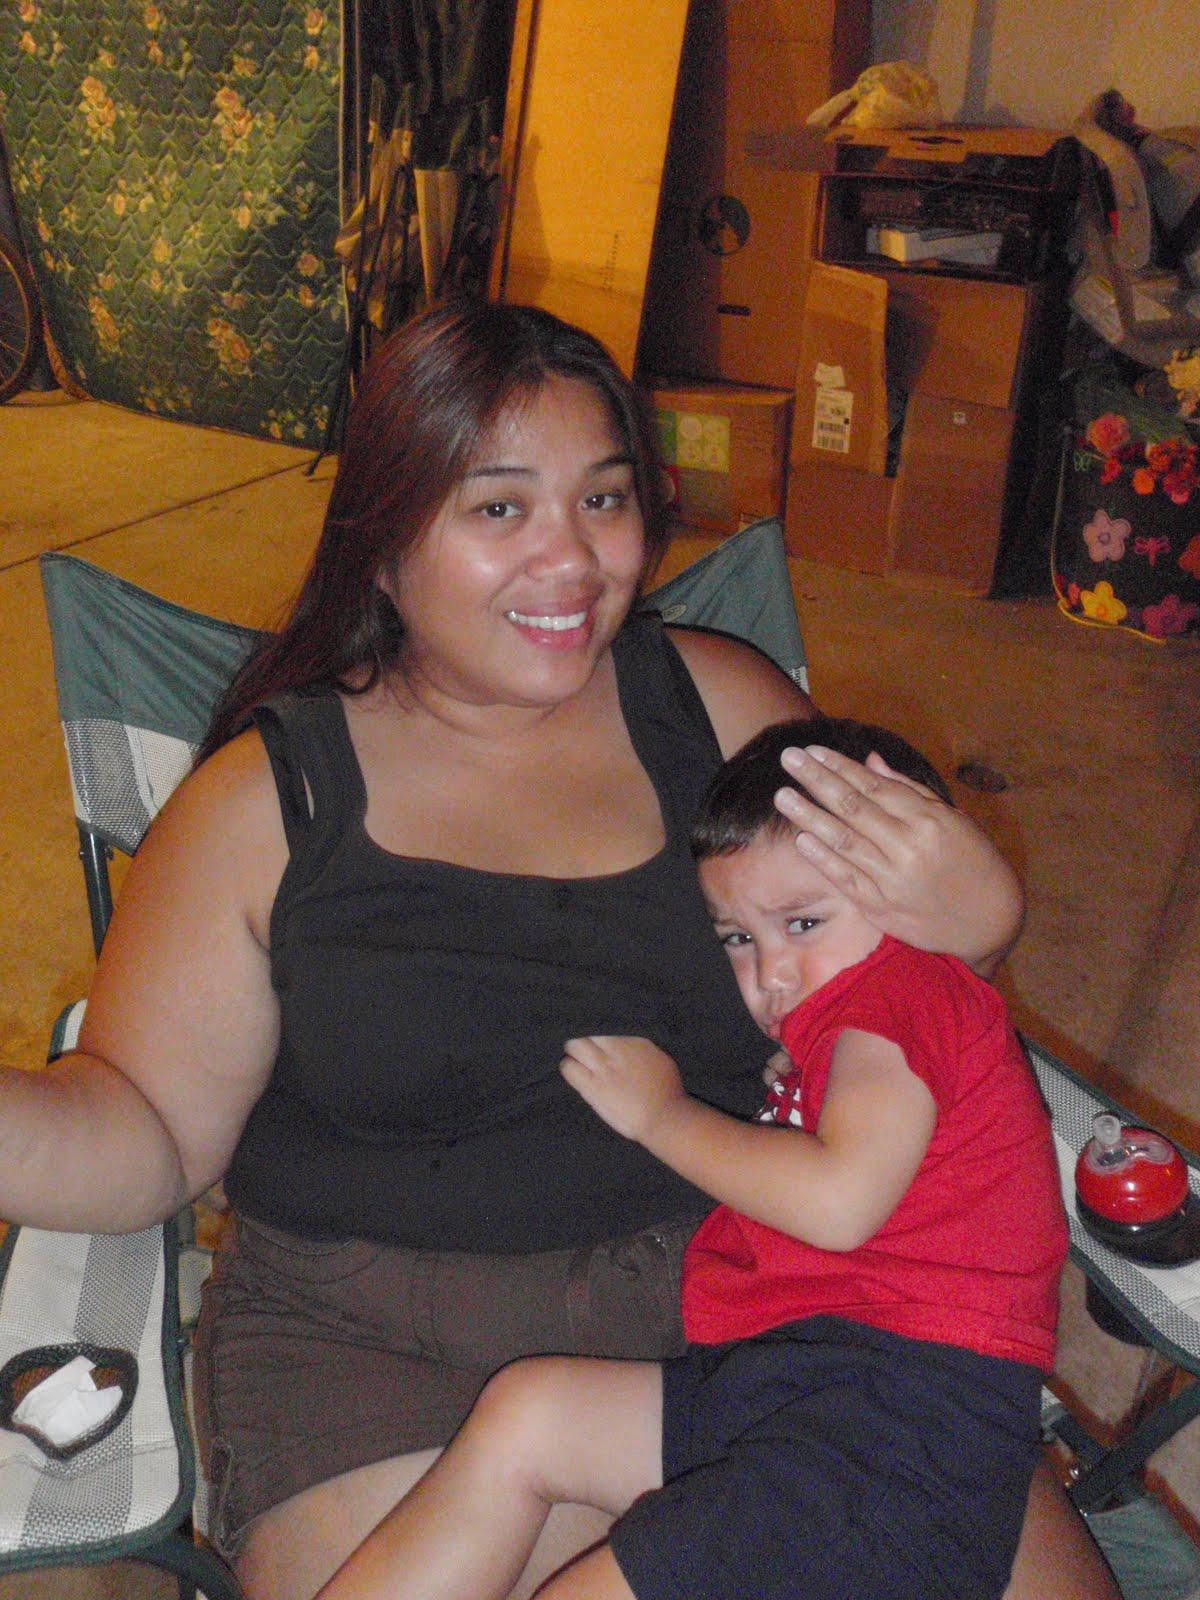 House aunty photos